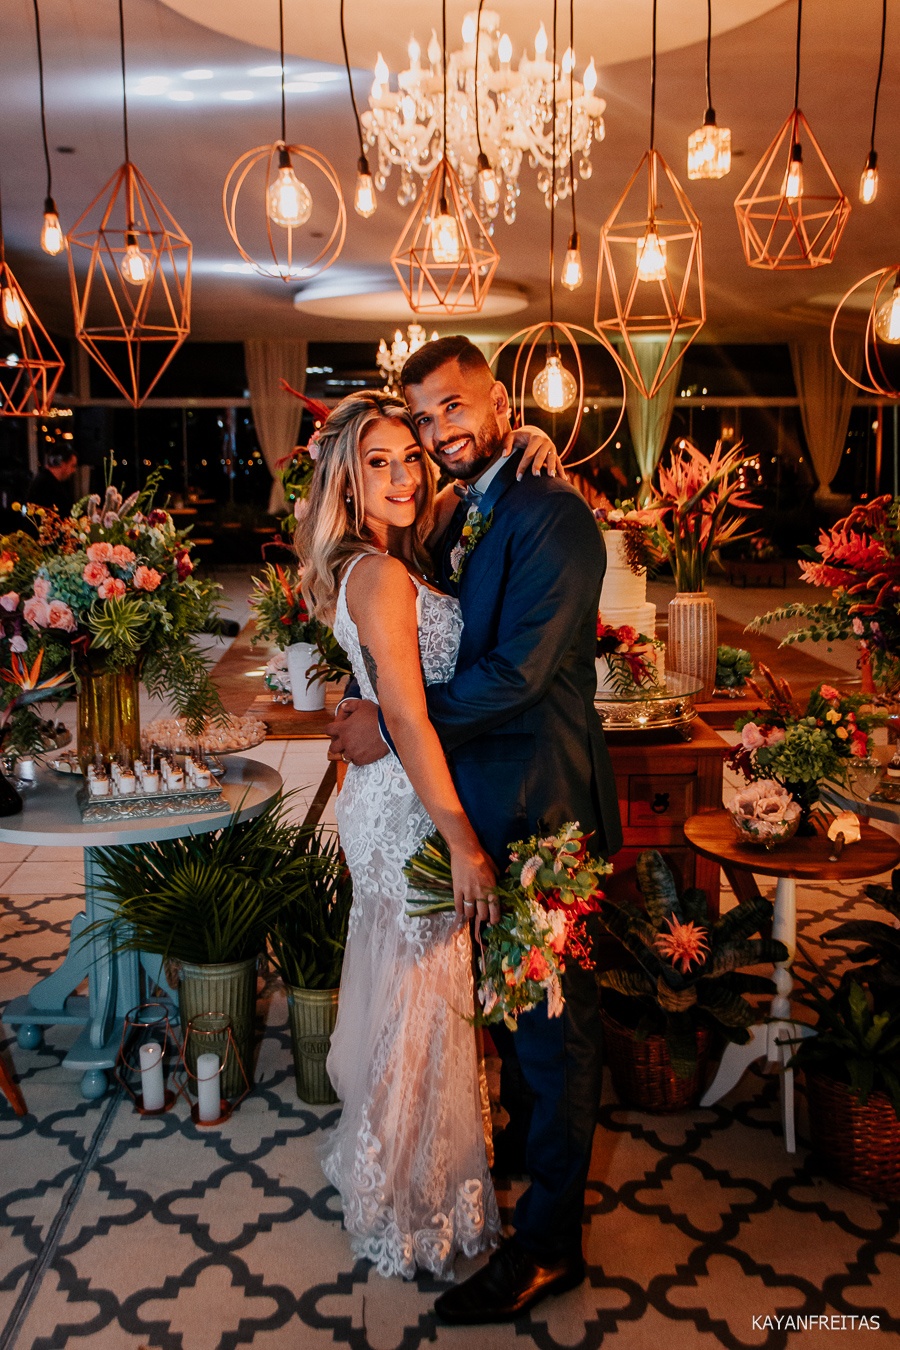 casamentodedia-lic-floripa-0125 Casamento de dia em Florianópolis - Pri e Guto